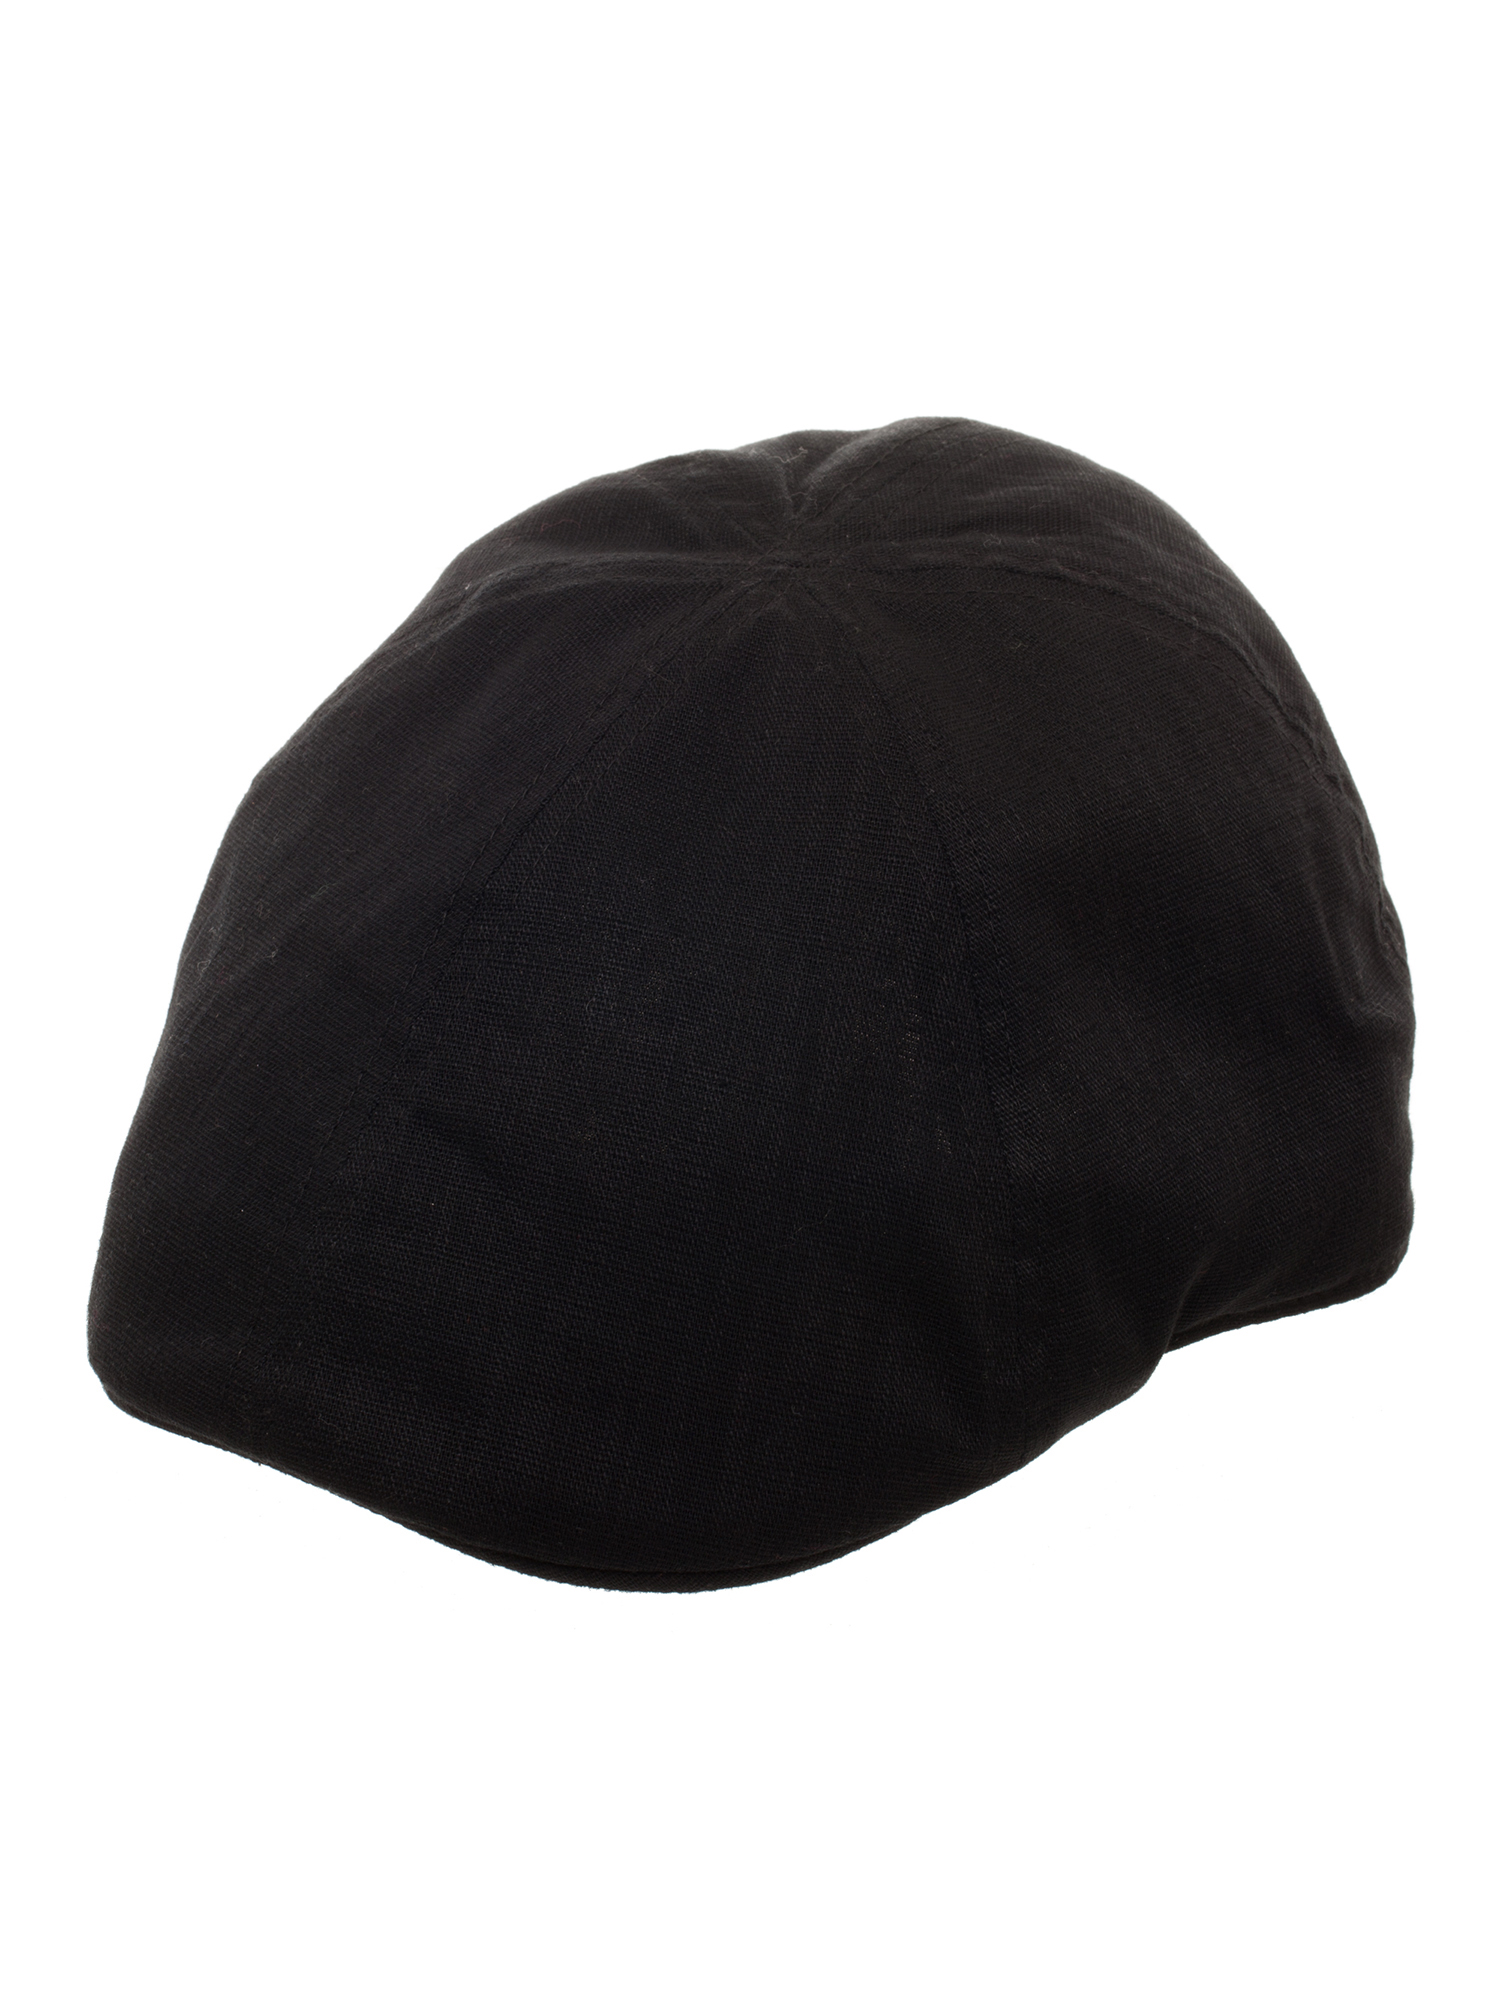 Men's Solid Black Ivy Driver Cap